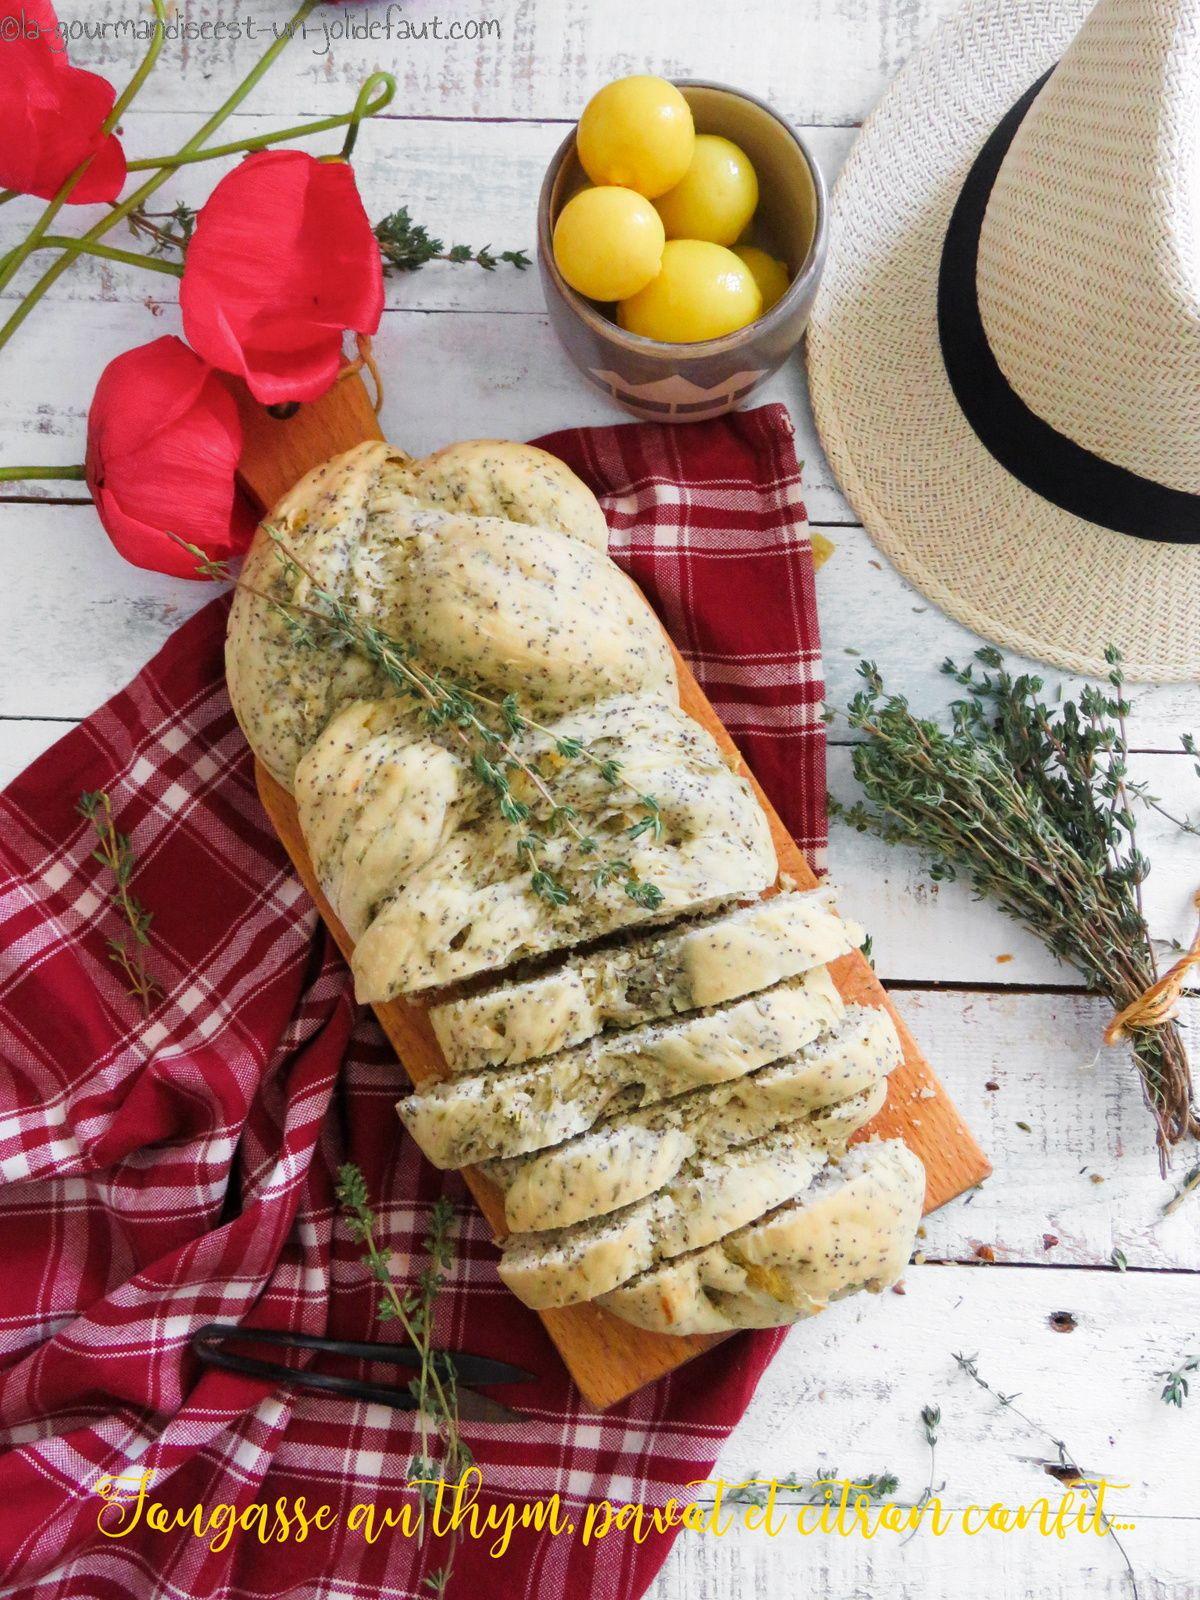 Fougasse au thym, pavot et citron confit